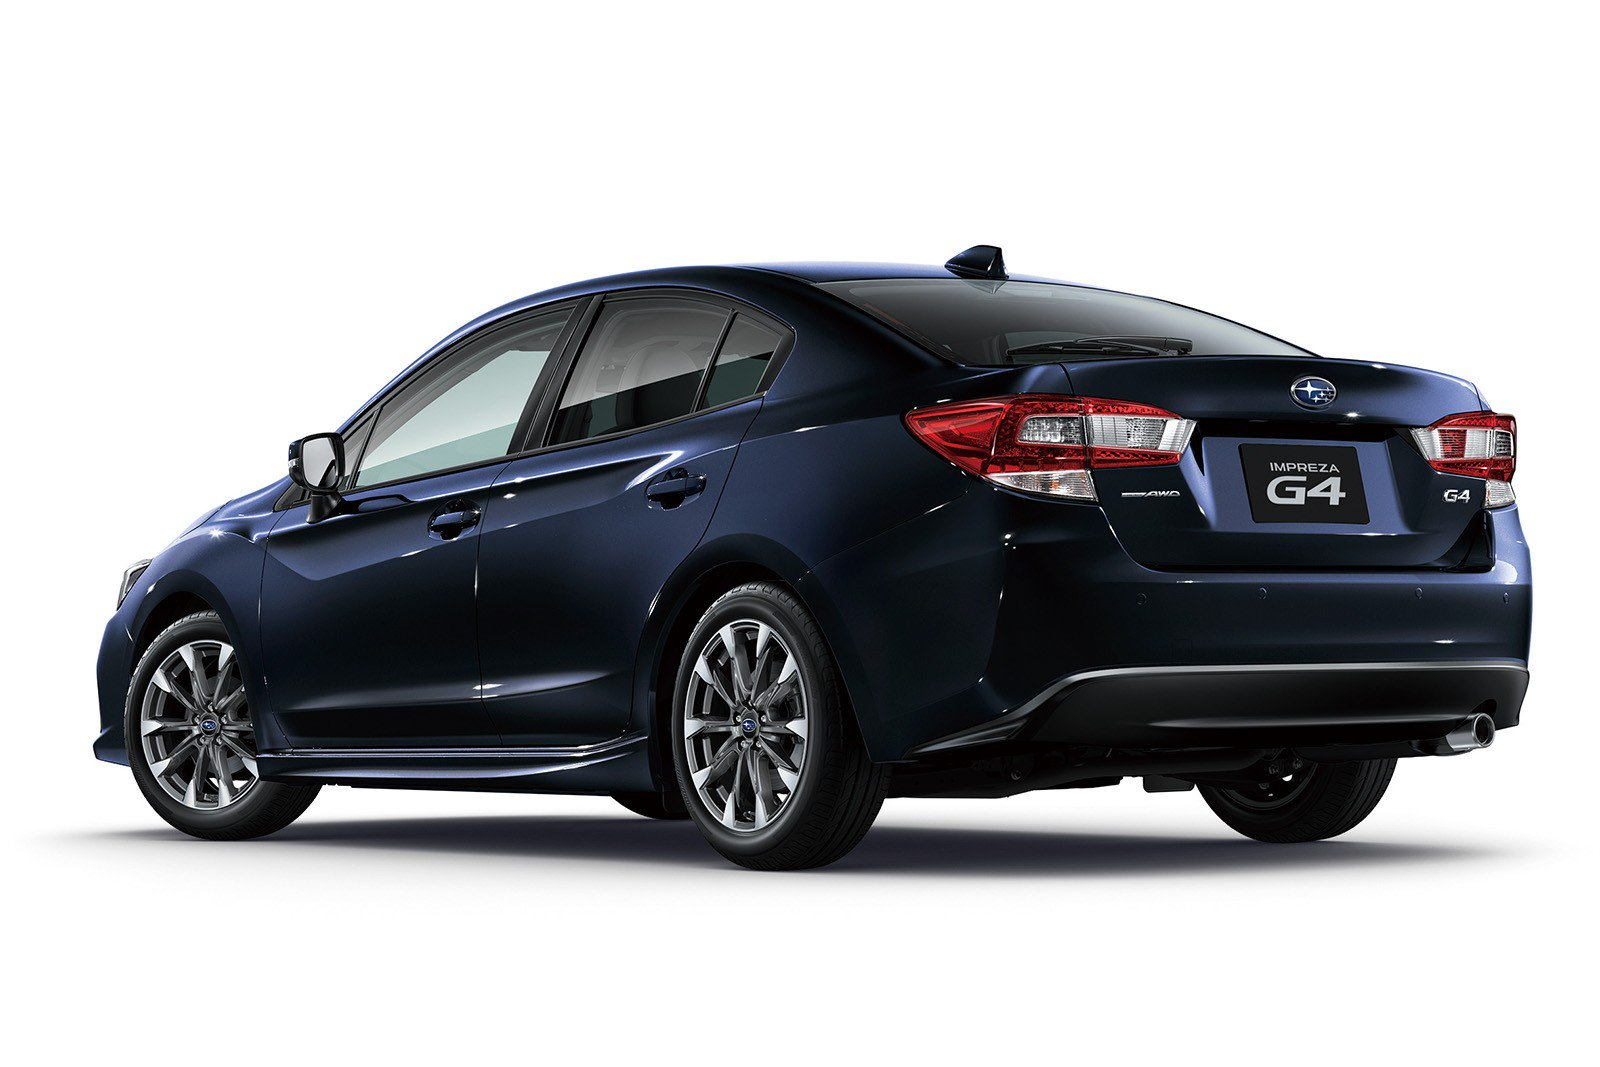 Subaru-Impreza-facelift-29